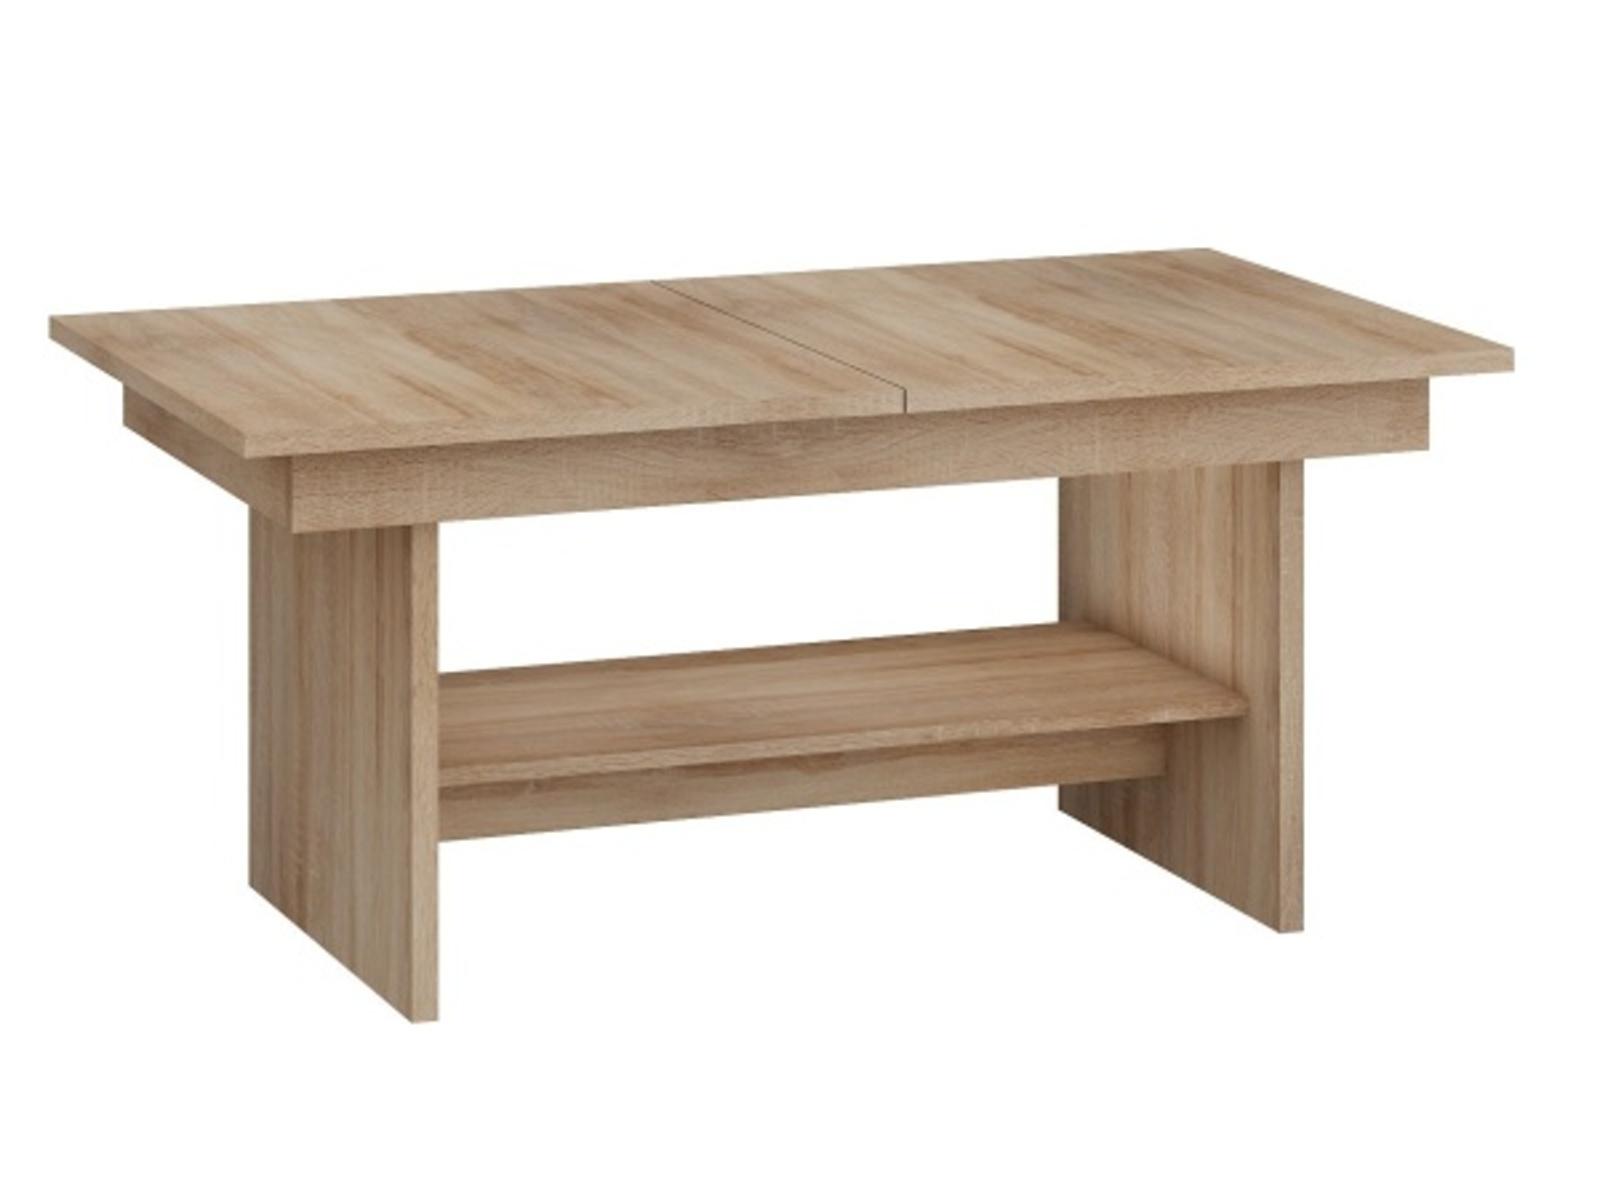 MORAVIA FLAT Konferenční stolek DALLAS rozkládací MAT, barva: dub sonoma